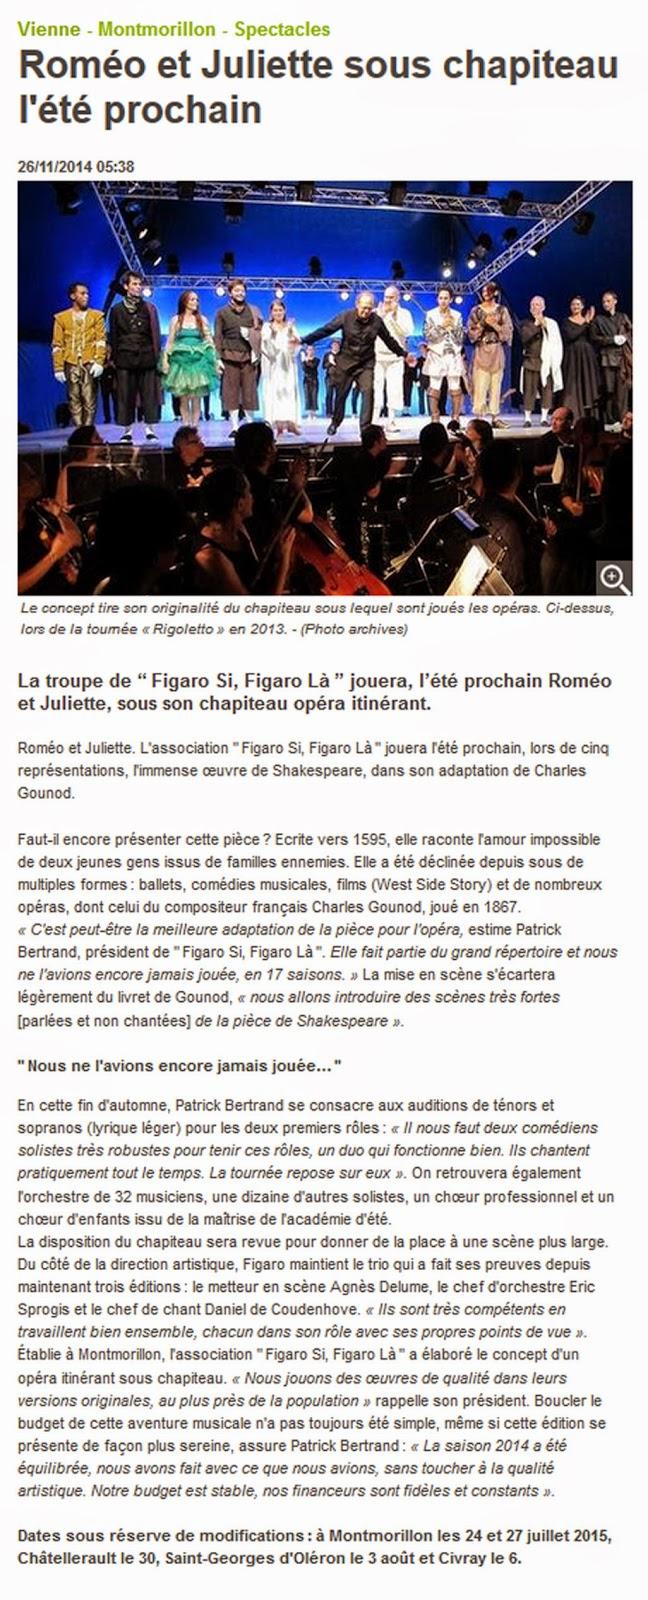 http://www.lanouvellerepublique.fr/Vienne/Communes/Montmorillon/n/Contenus/Articles/2014/11/26/Romeo-et-Juliette-sous-chapiteau-l-ete-prochain-2130974